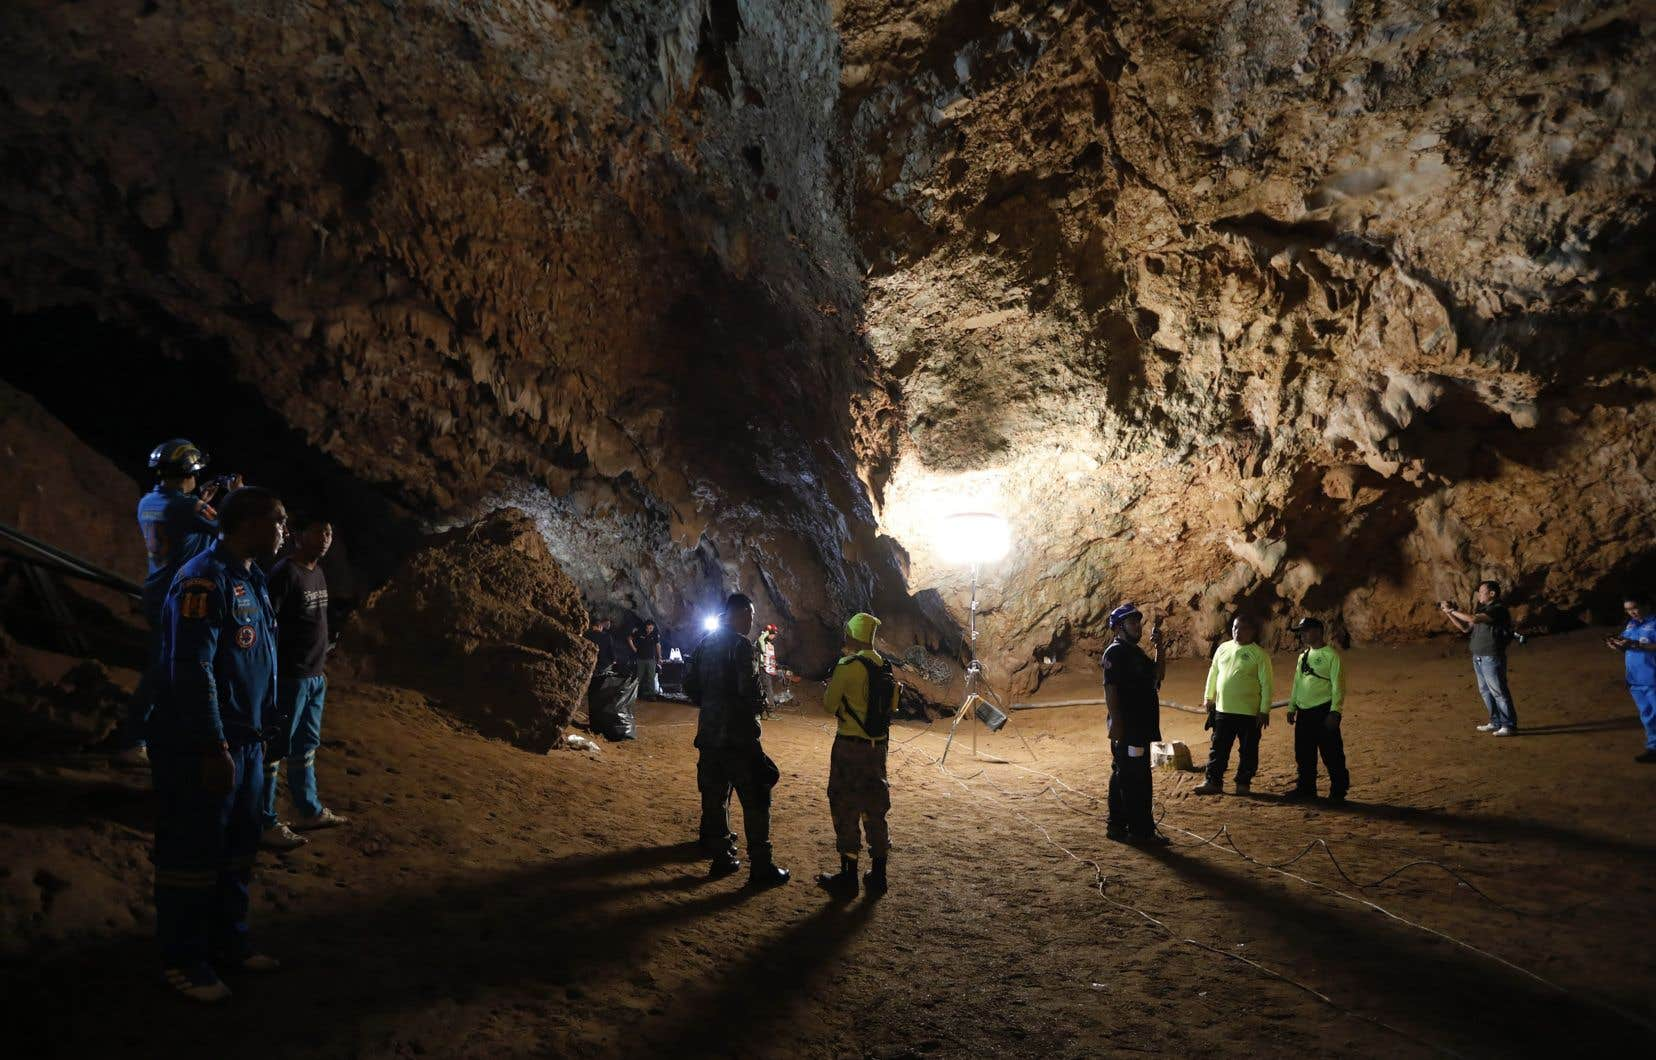 La grotte Tham Luang Nang Nonattire les touristes, mais peut être le site d'inondations graves pendant la saison des pluies, entre juin et octobre.